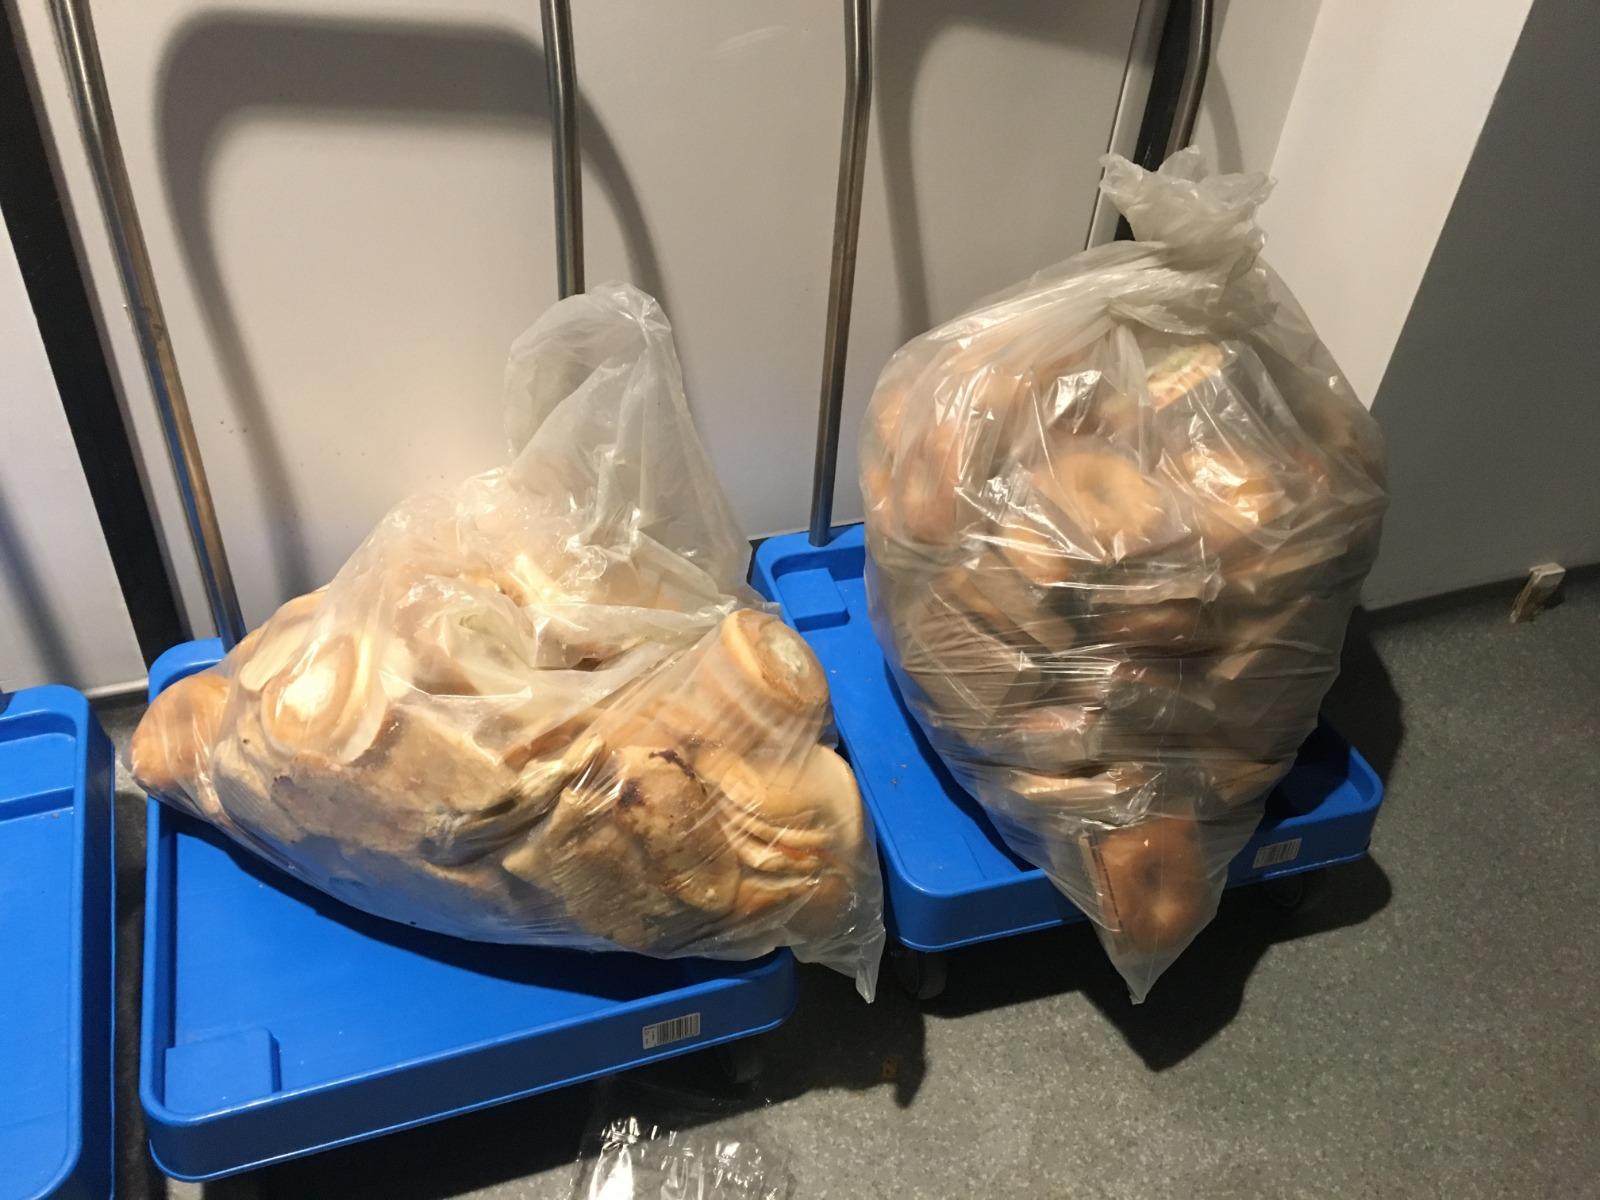 Gâchis du stand de bagels à Wembley